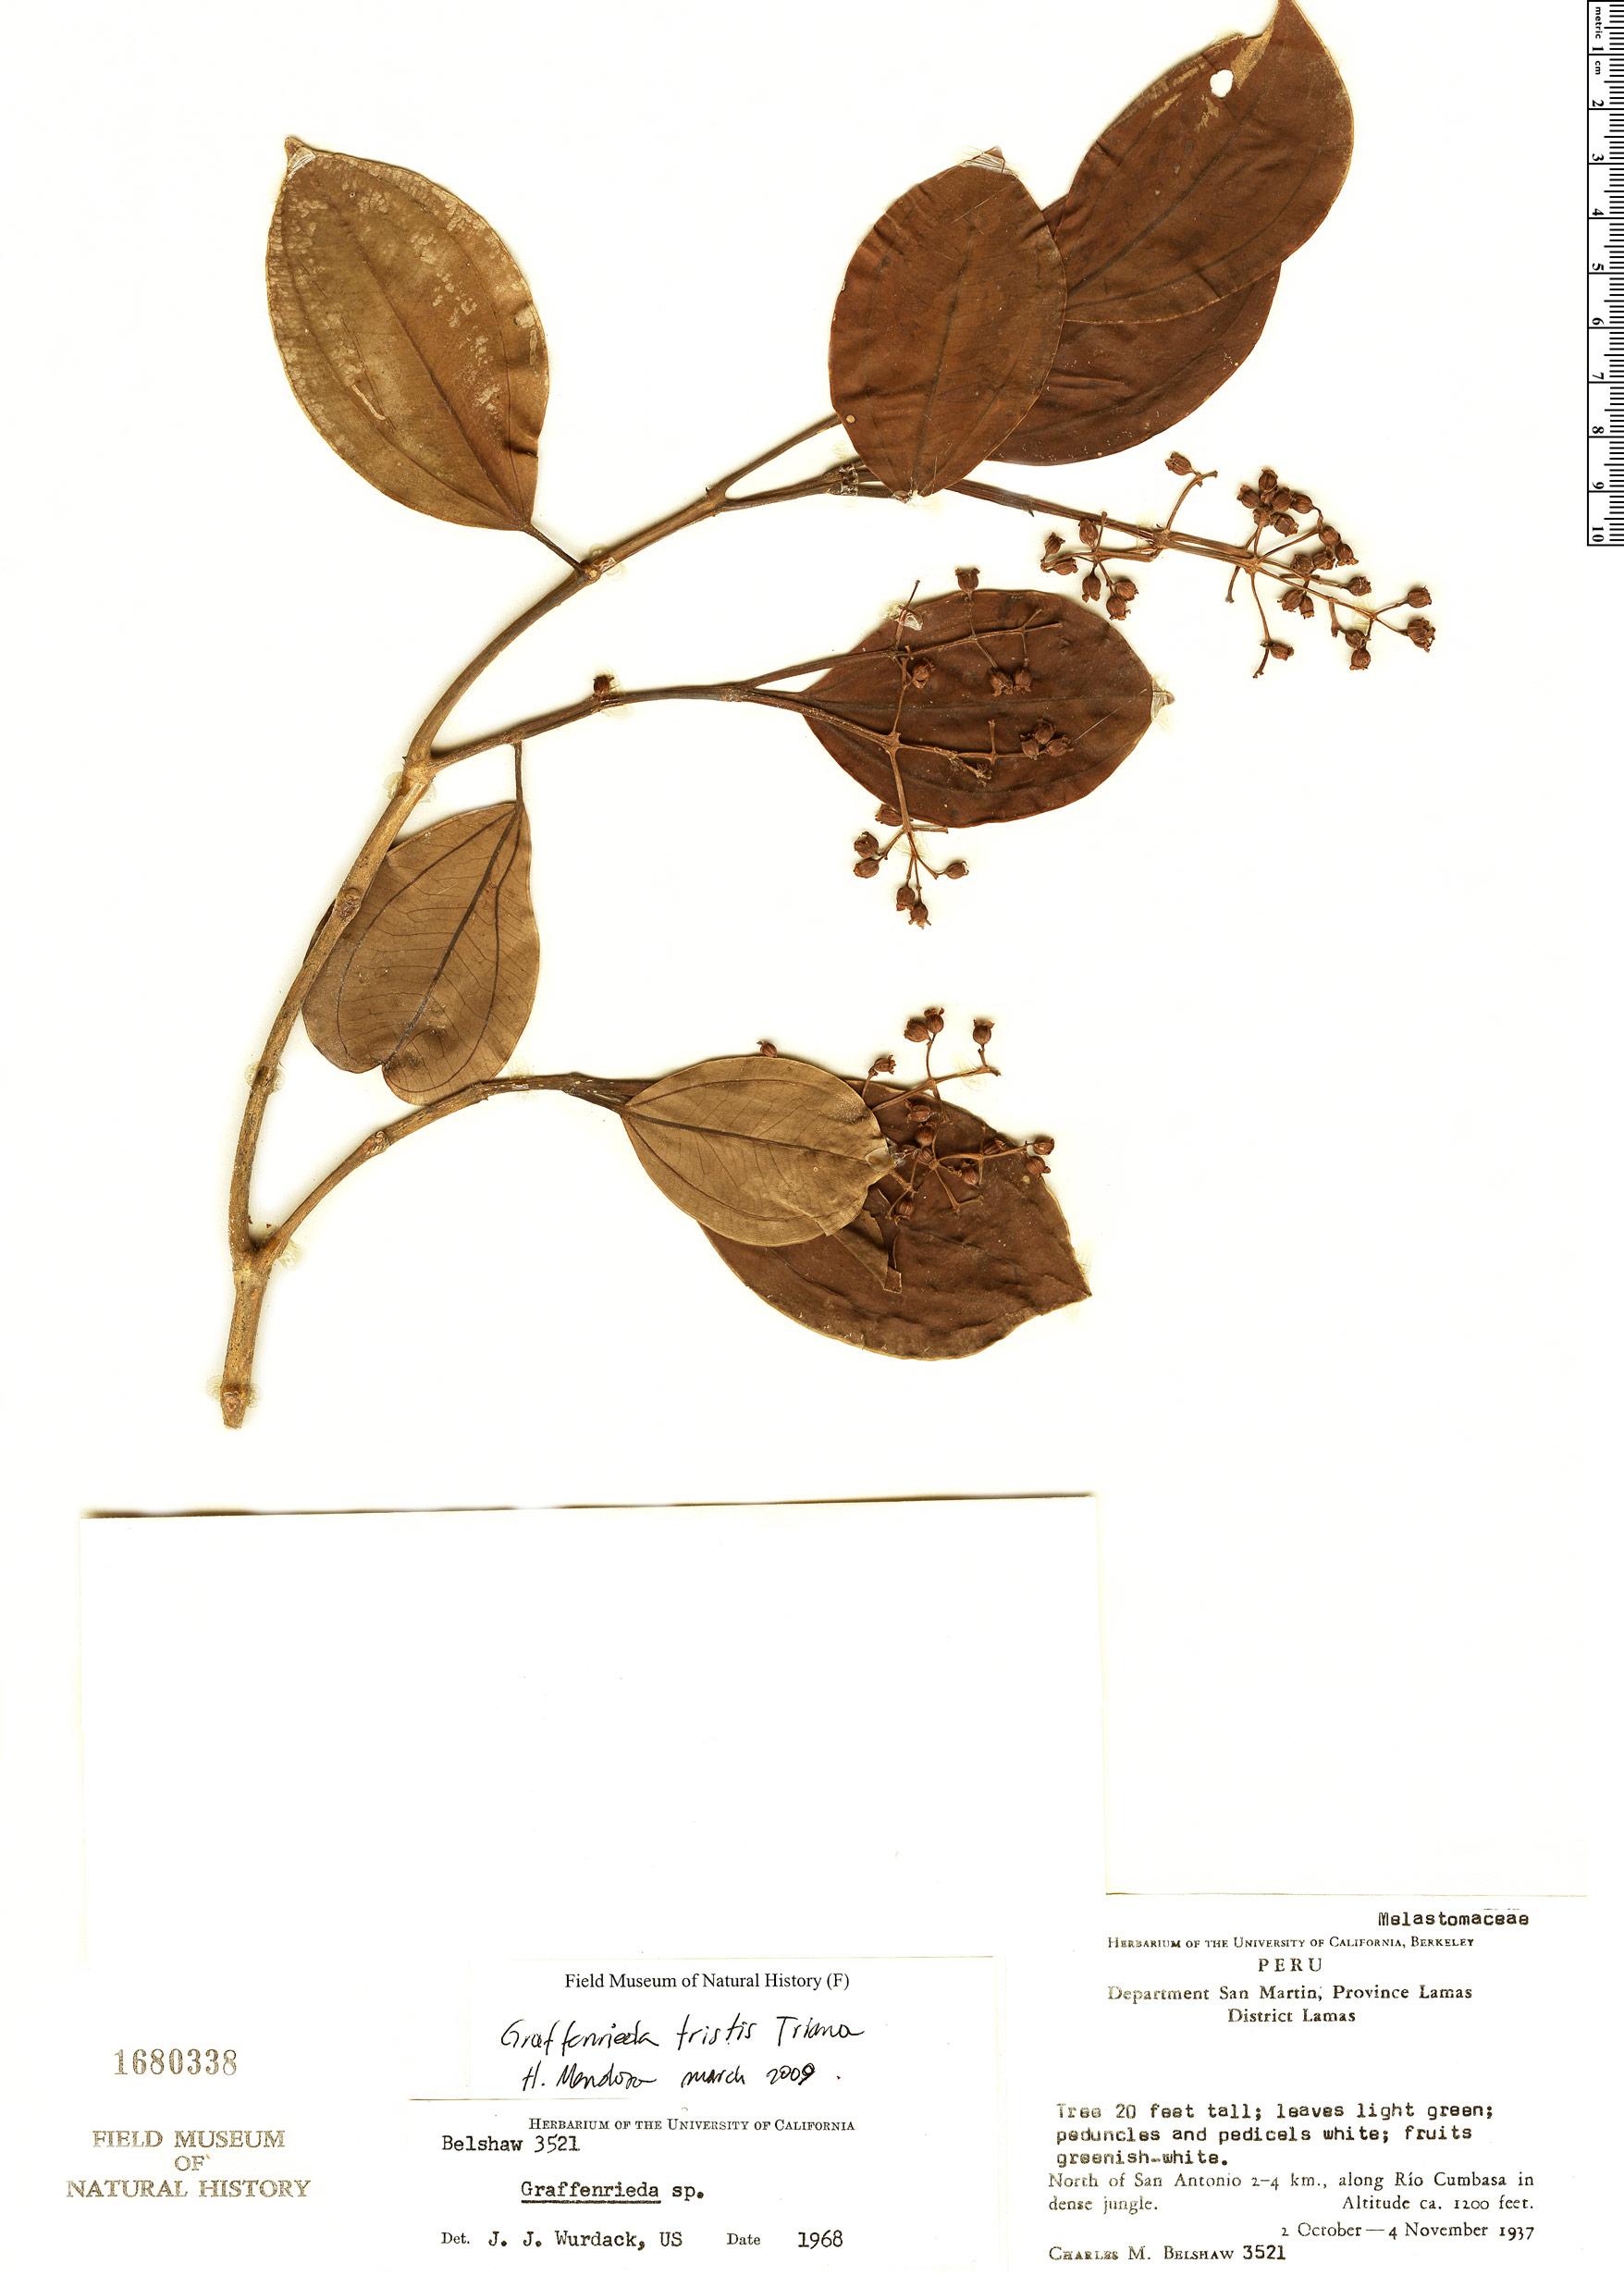 Specimen: Graffenrieda tristis